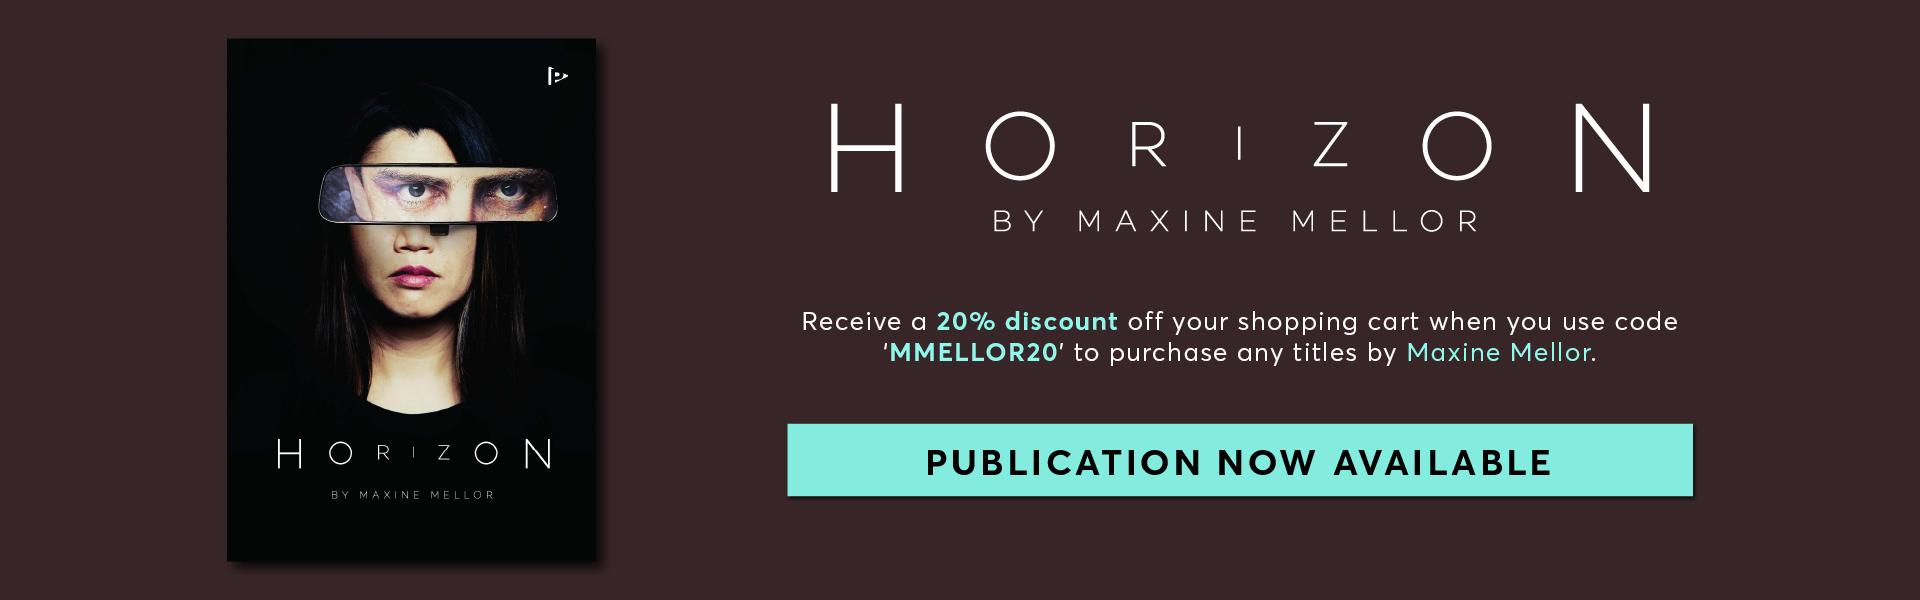 Horizon by Maxine Mellor